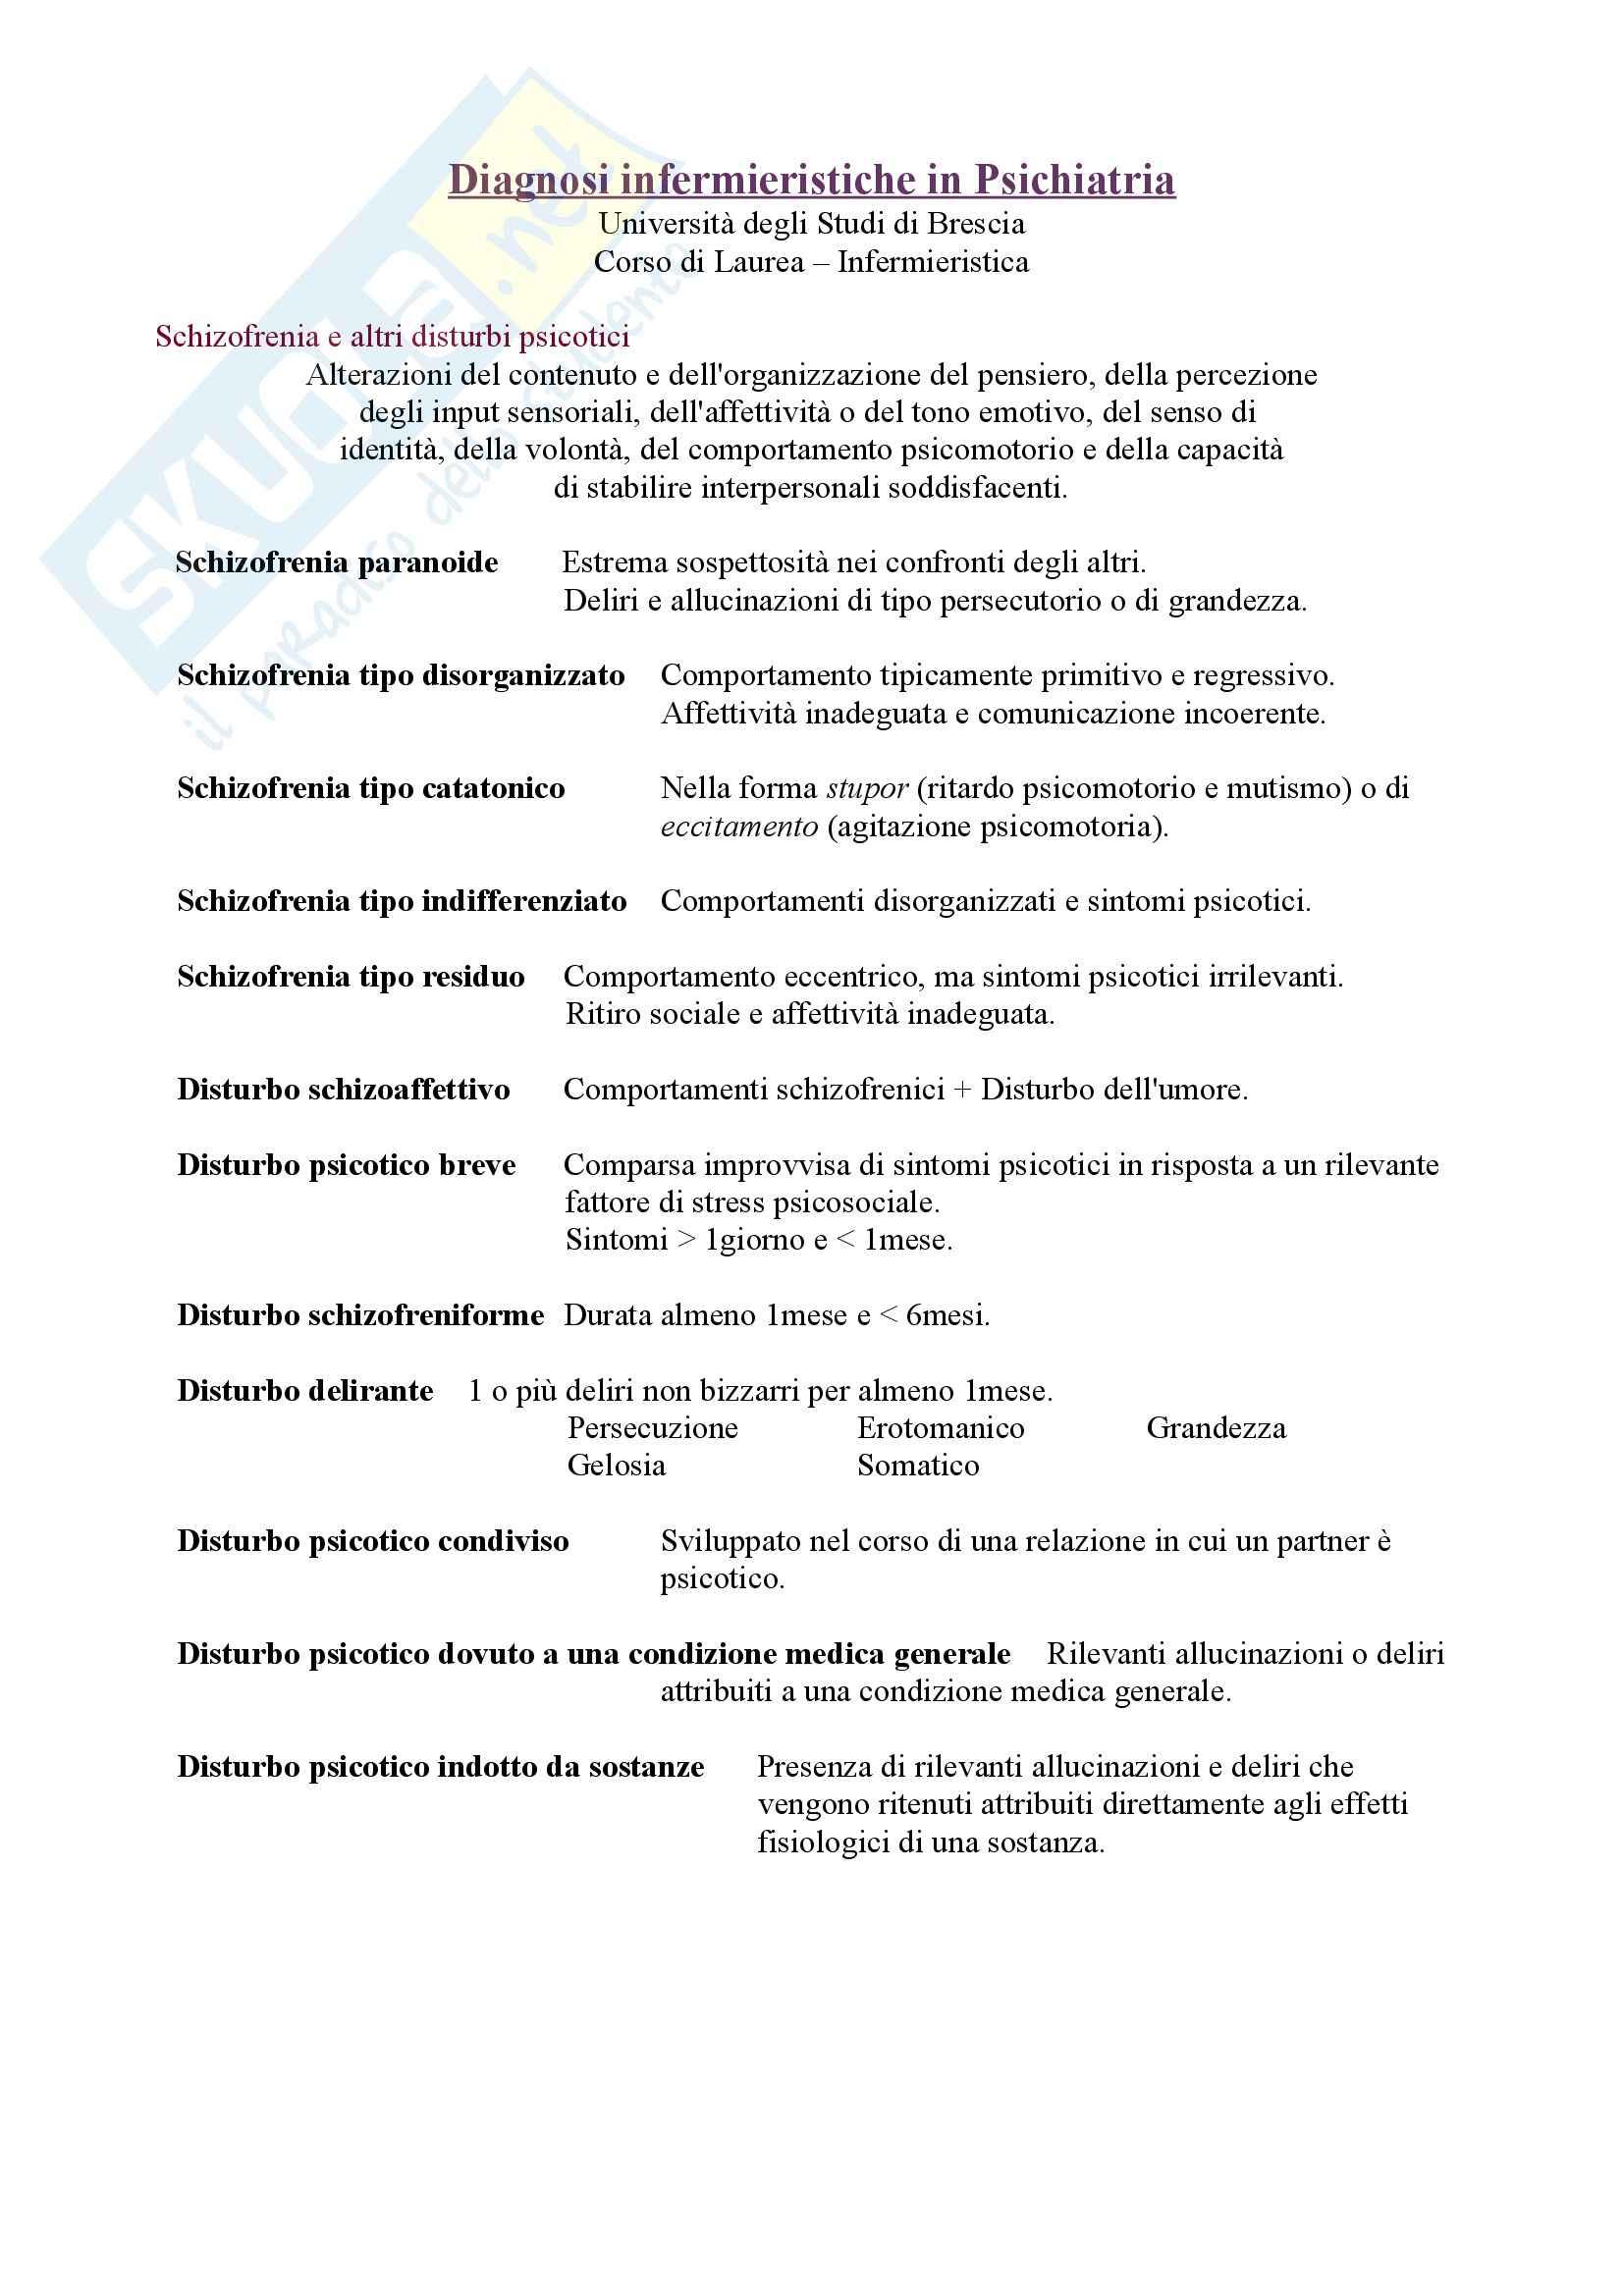 appunto L. Laratta Infermieristica clinica della salute mentale e della comunità